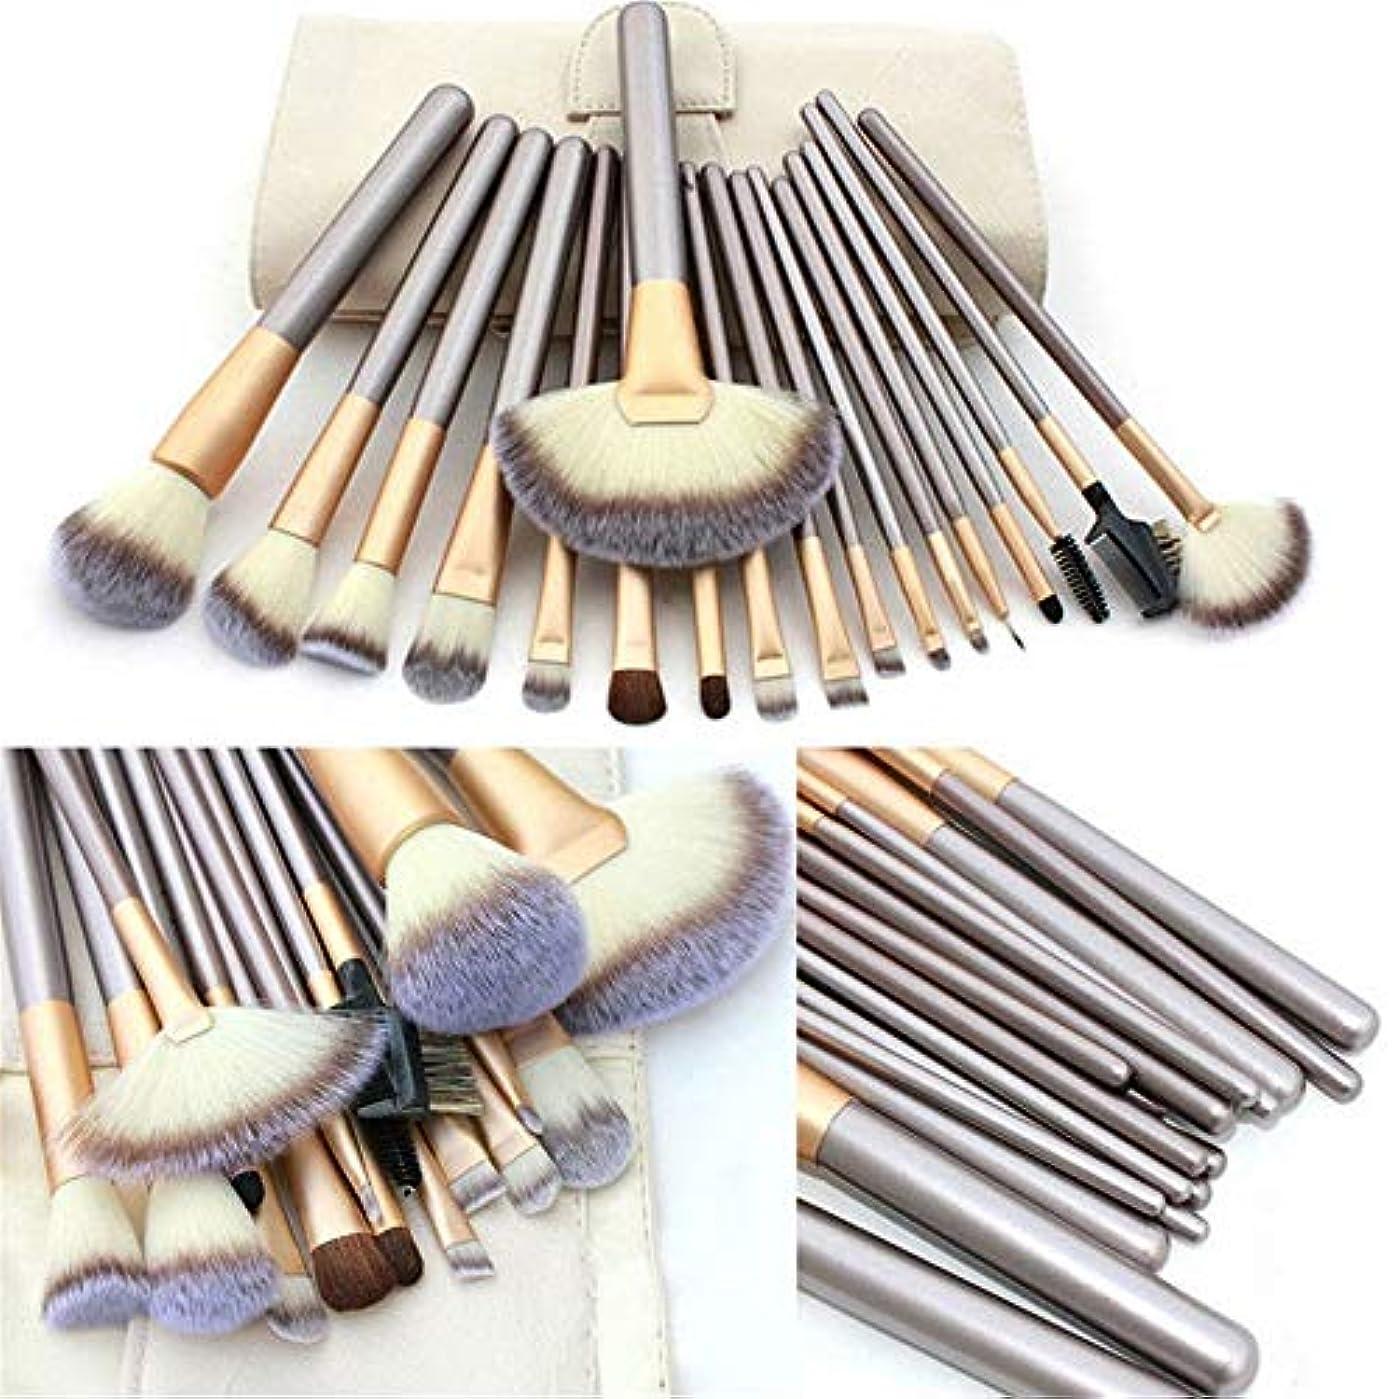 削る貫通する振り向くMakeup brushes ナイロンヘア、PUレザーエクリュメイクアップブラシセットポーチ、18個プロフェッショナルメイクアップブラシカウンターシンク suits (Color : Beige)